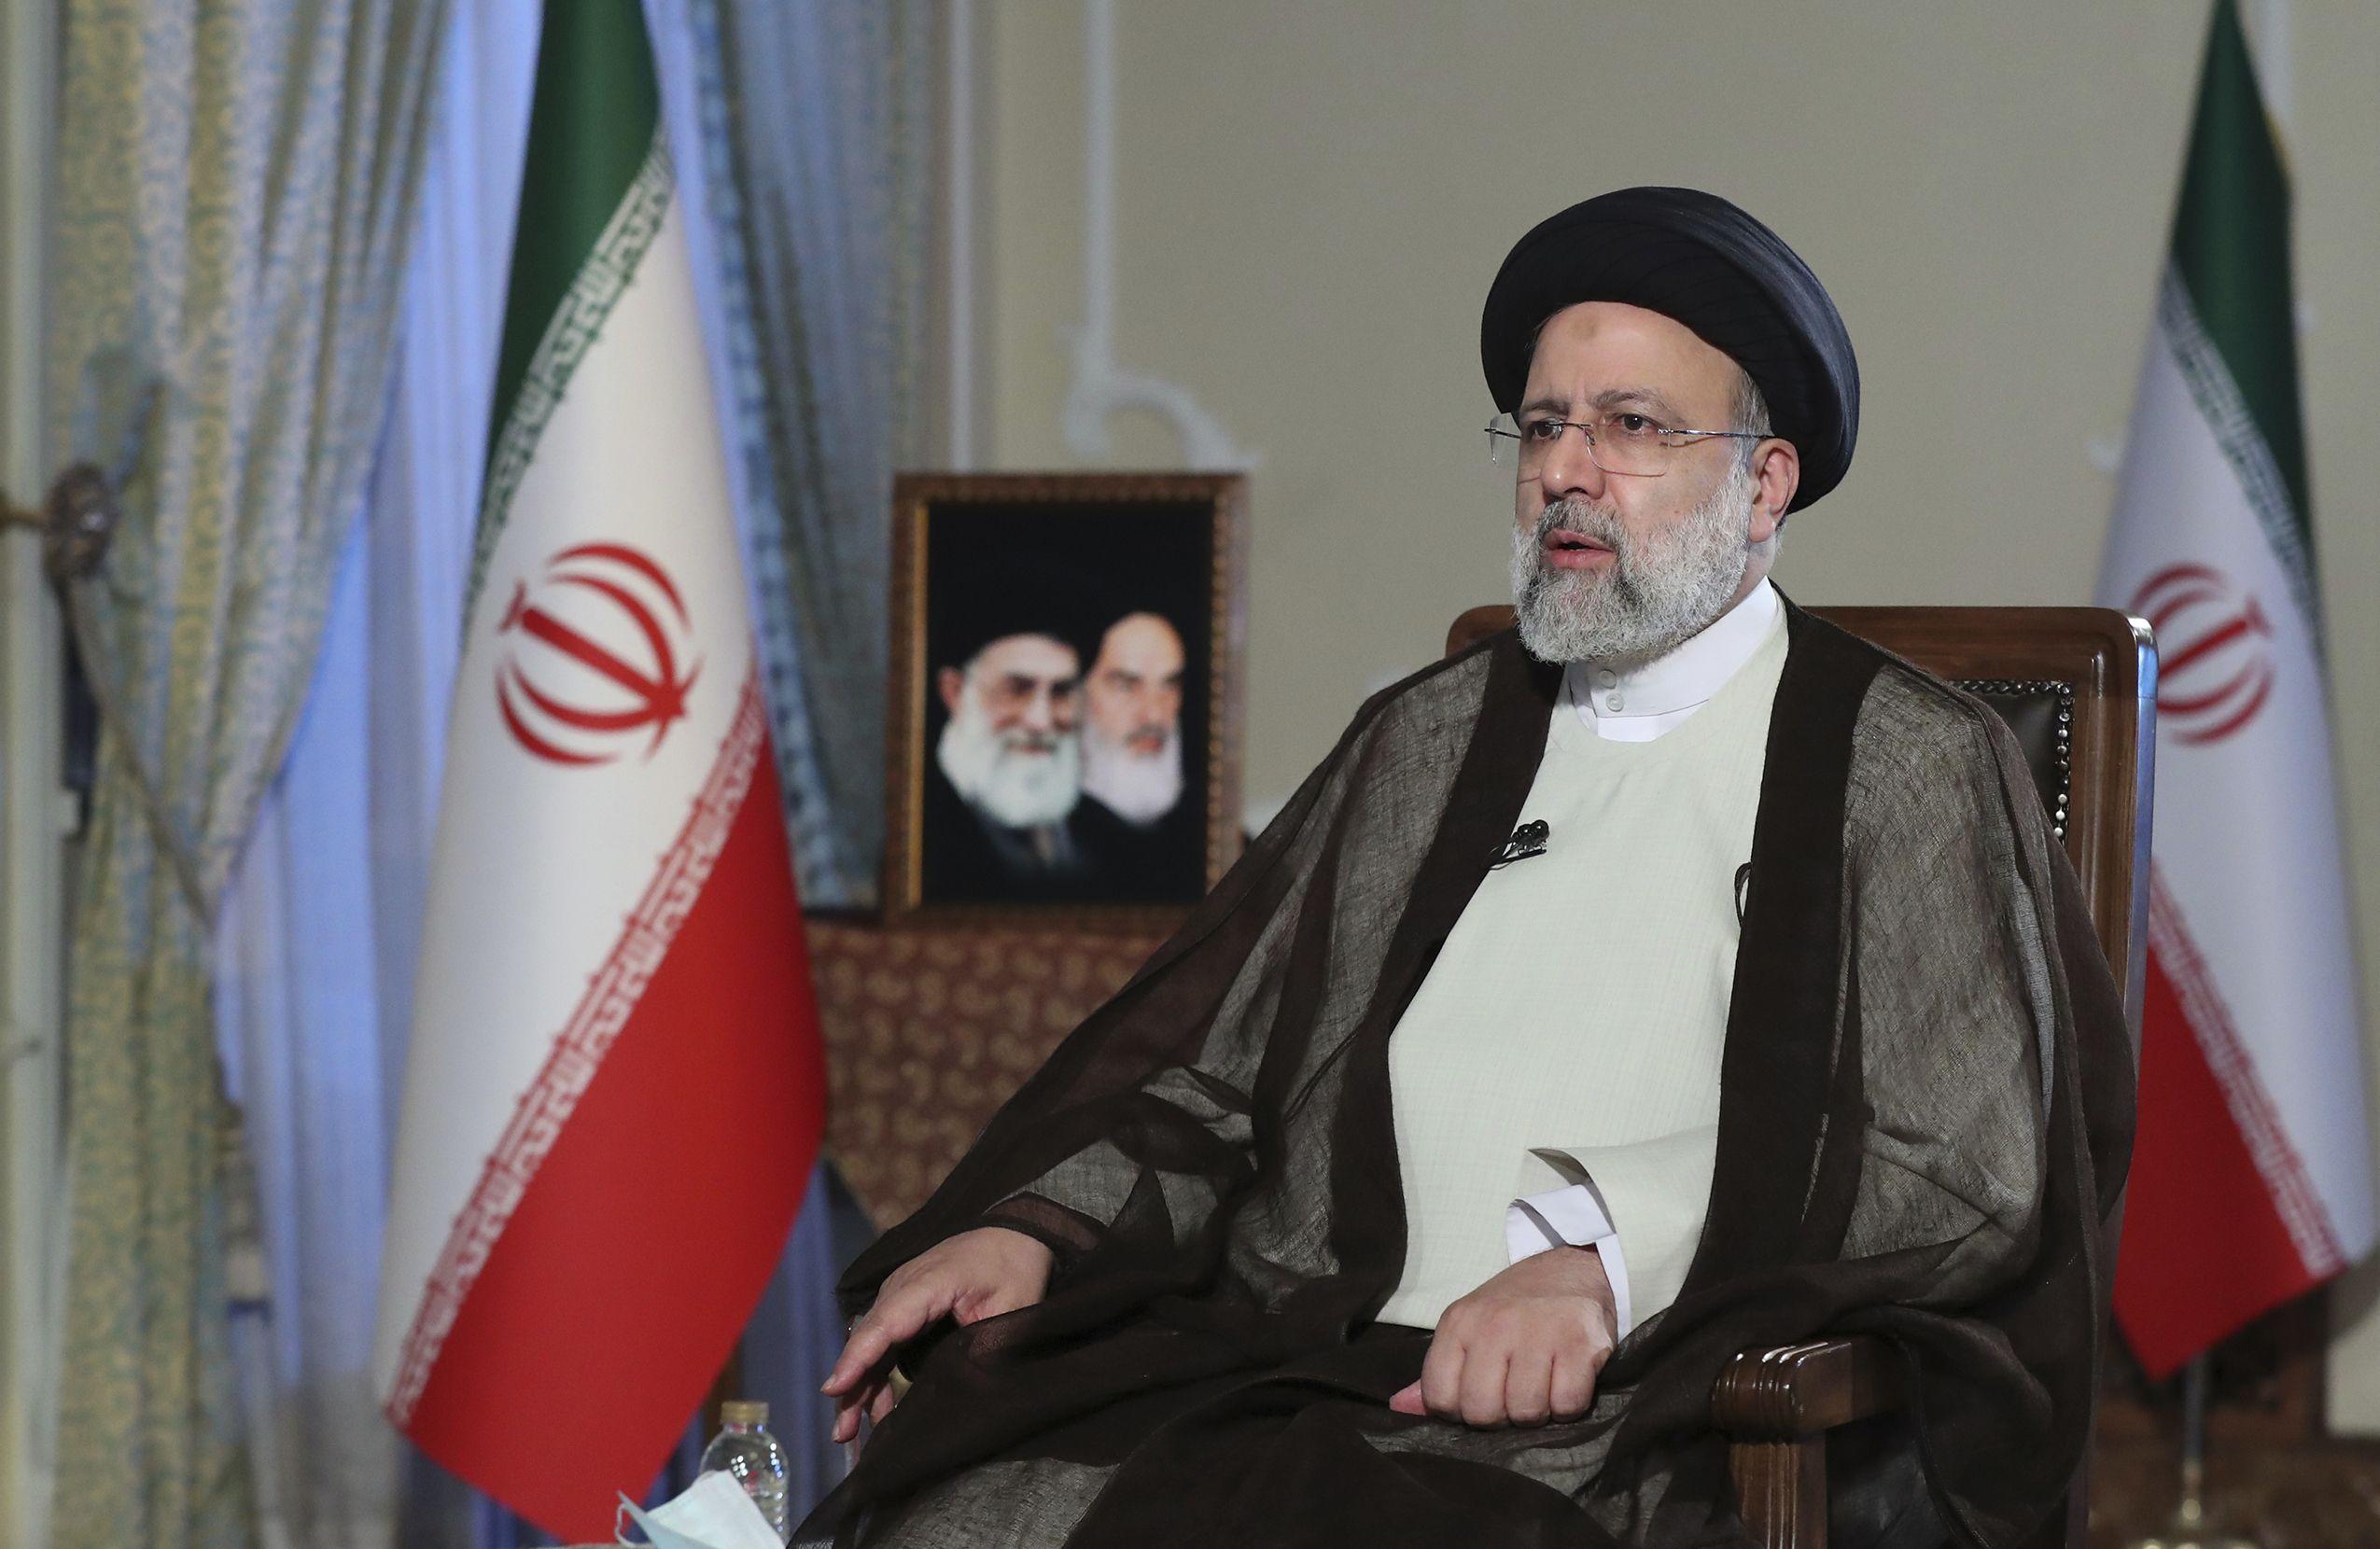 Francia exige a Irán frenar sus actividades nucleares